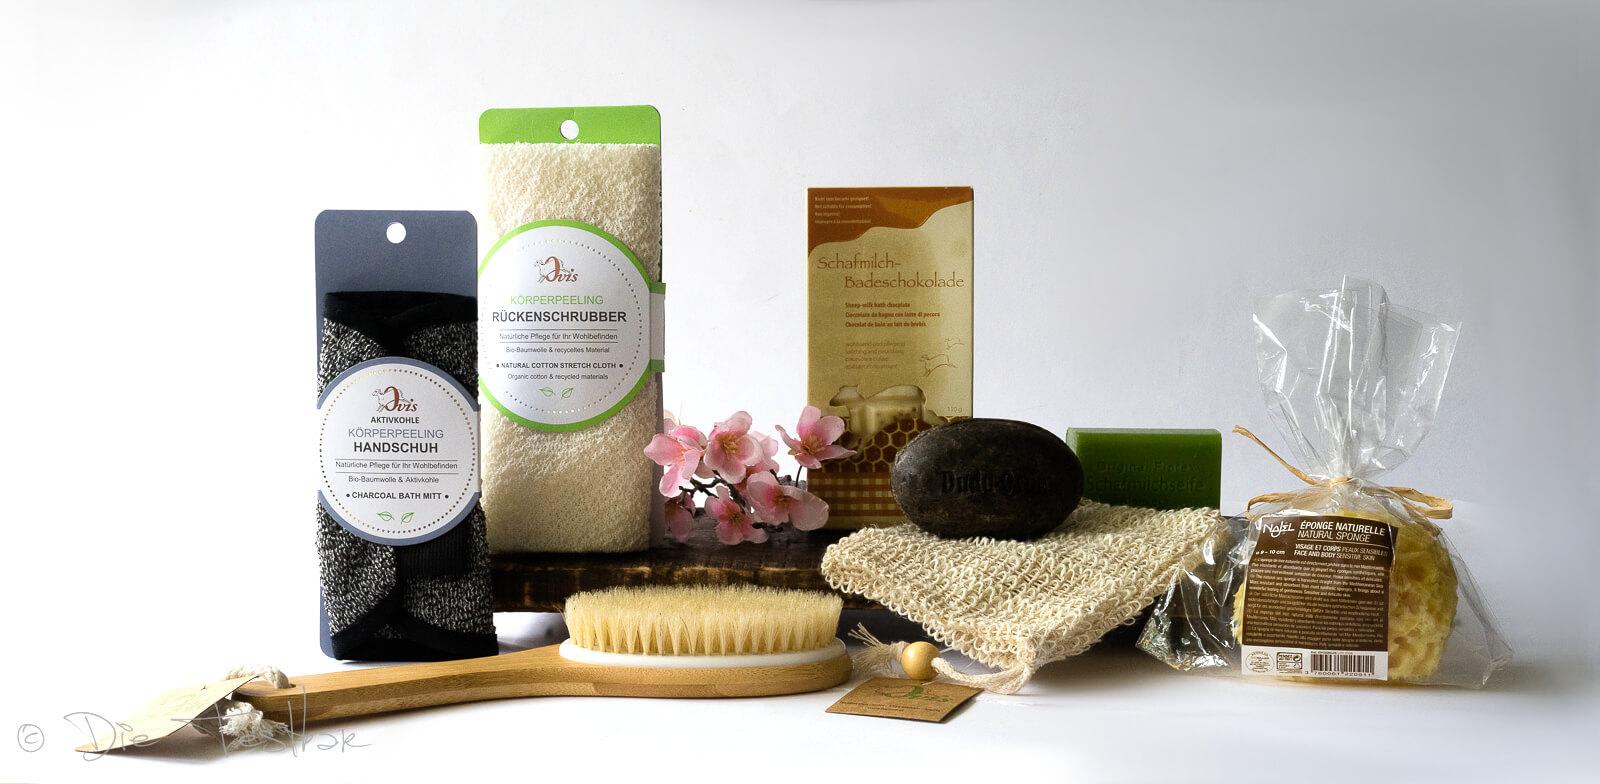 Die schönsten Produkte zum verschenken und selbstbehalten vom Geschenkeladen Lenina Shop